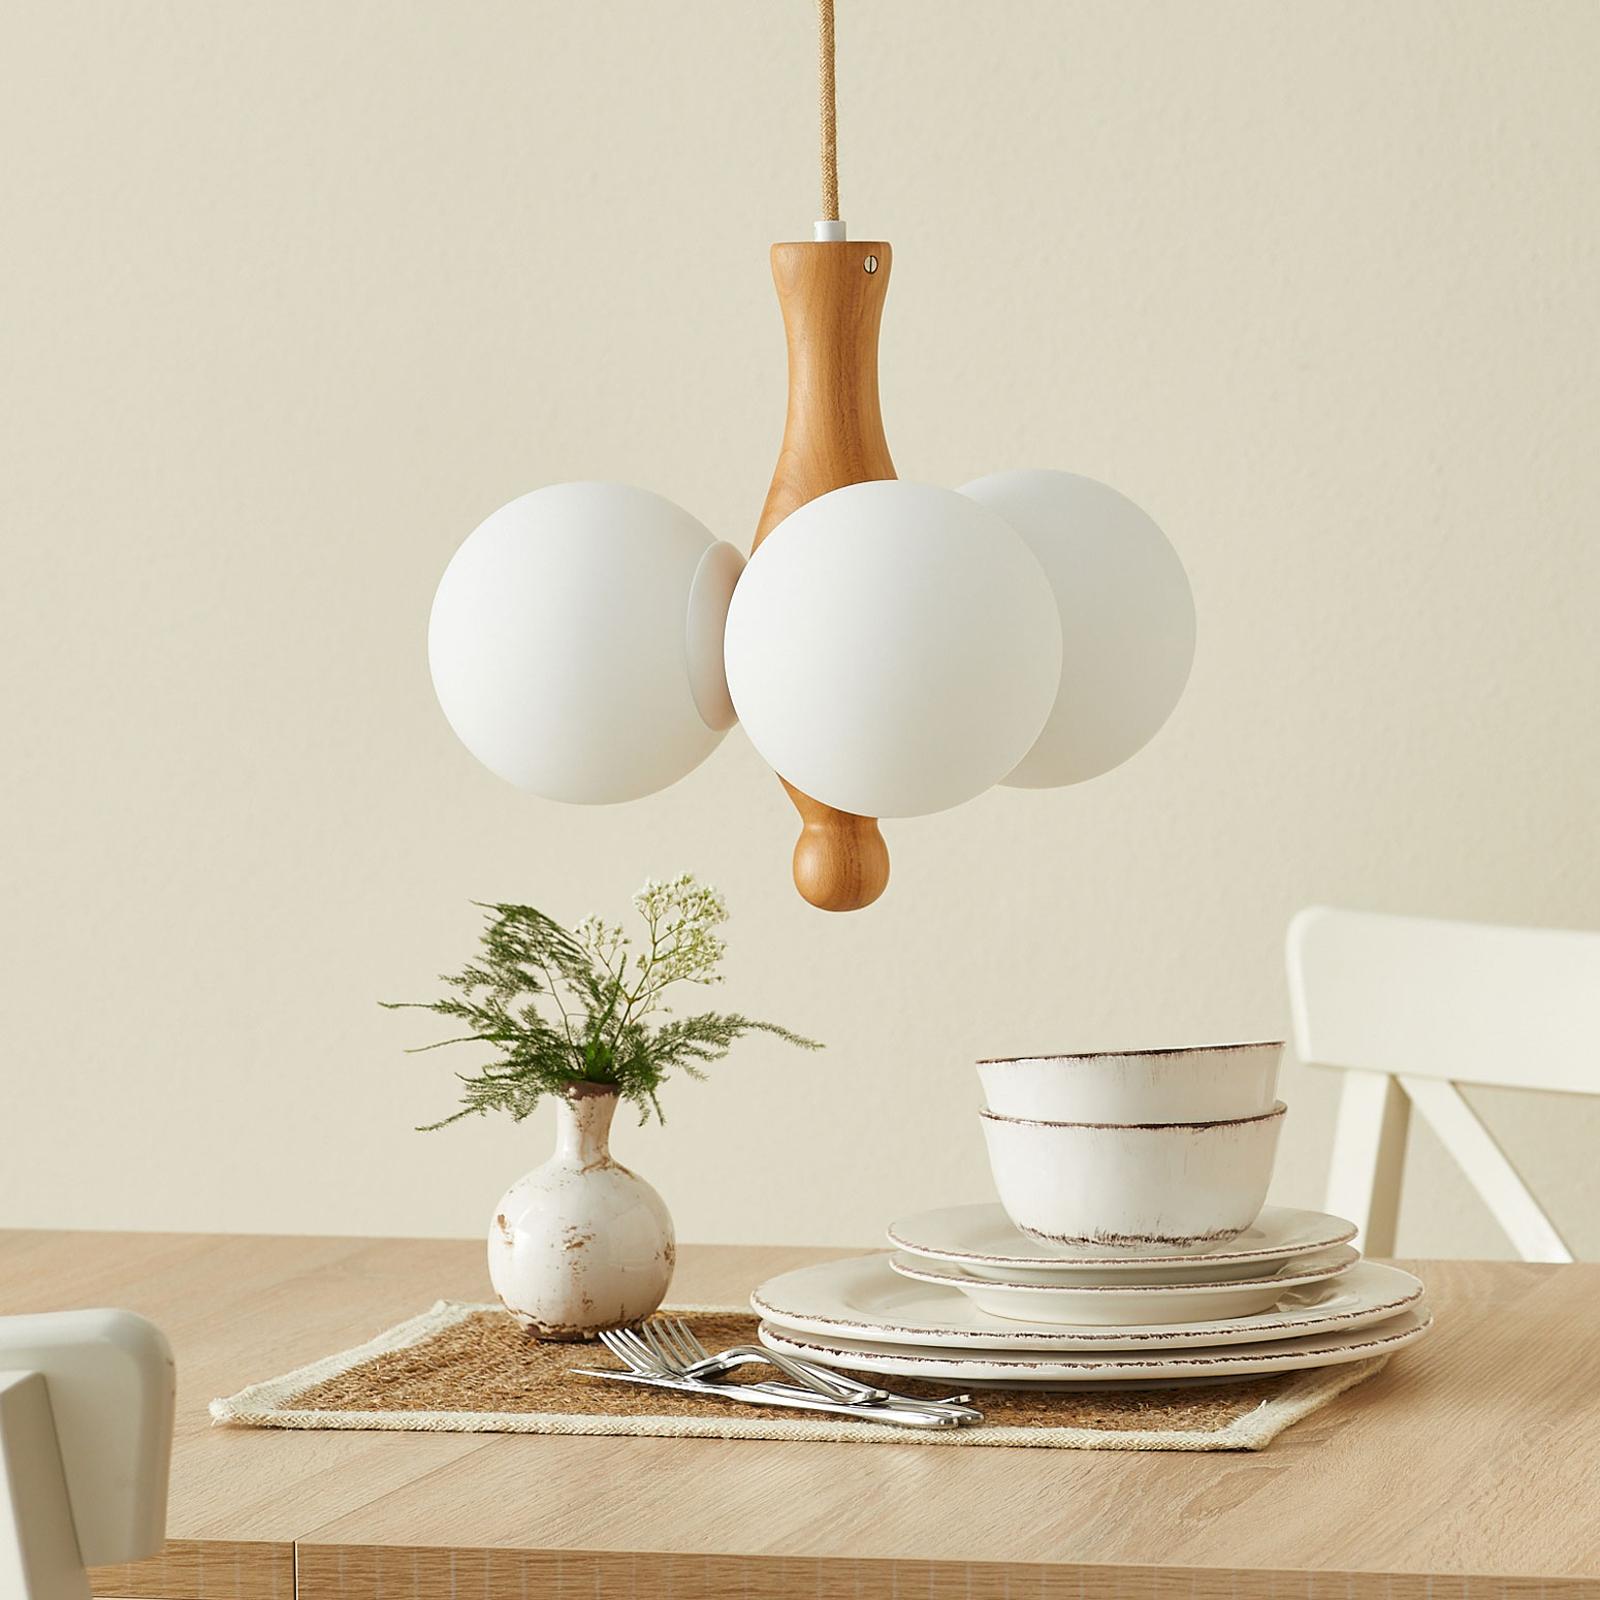 Hanglamp Themis 3-lamps van hout en glas